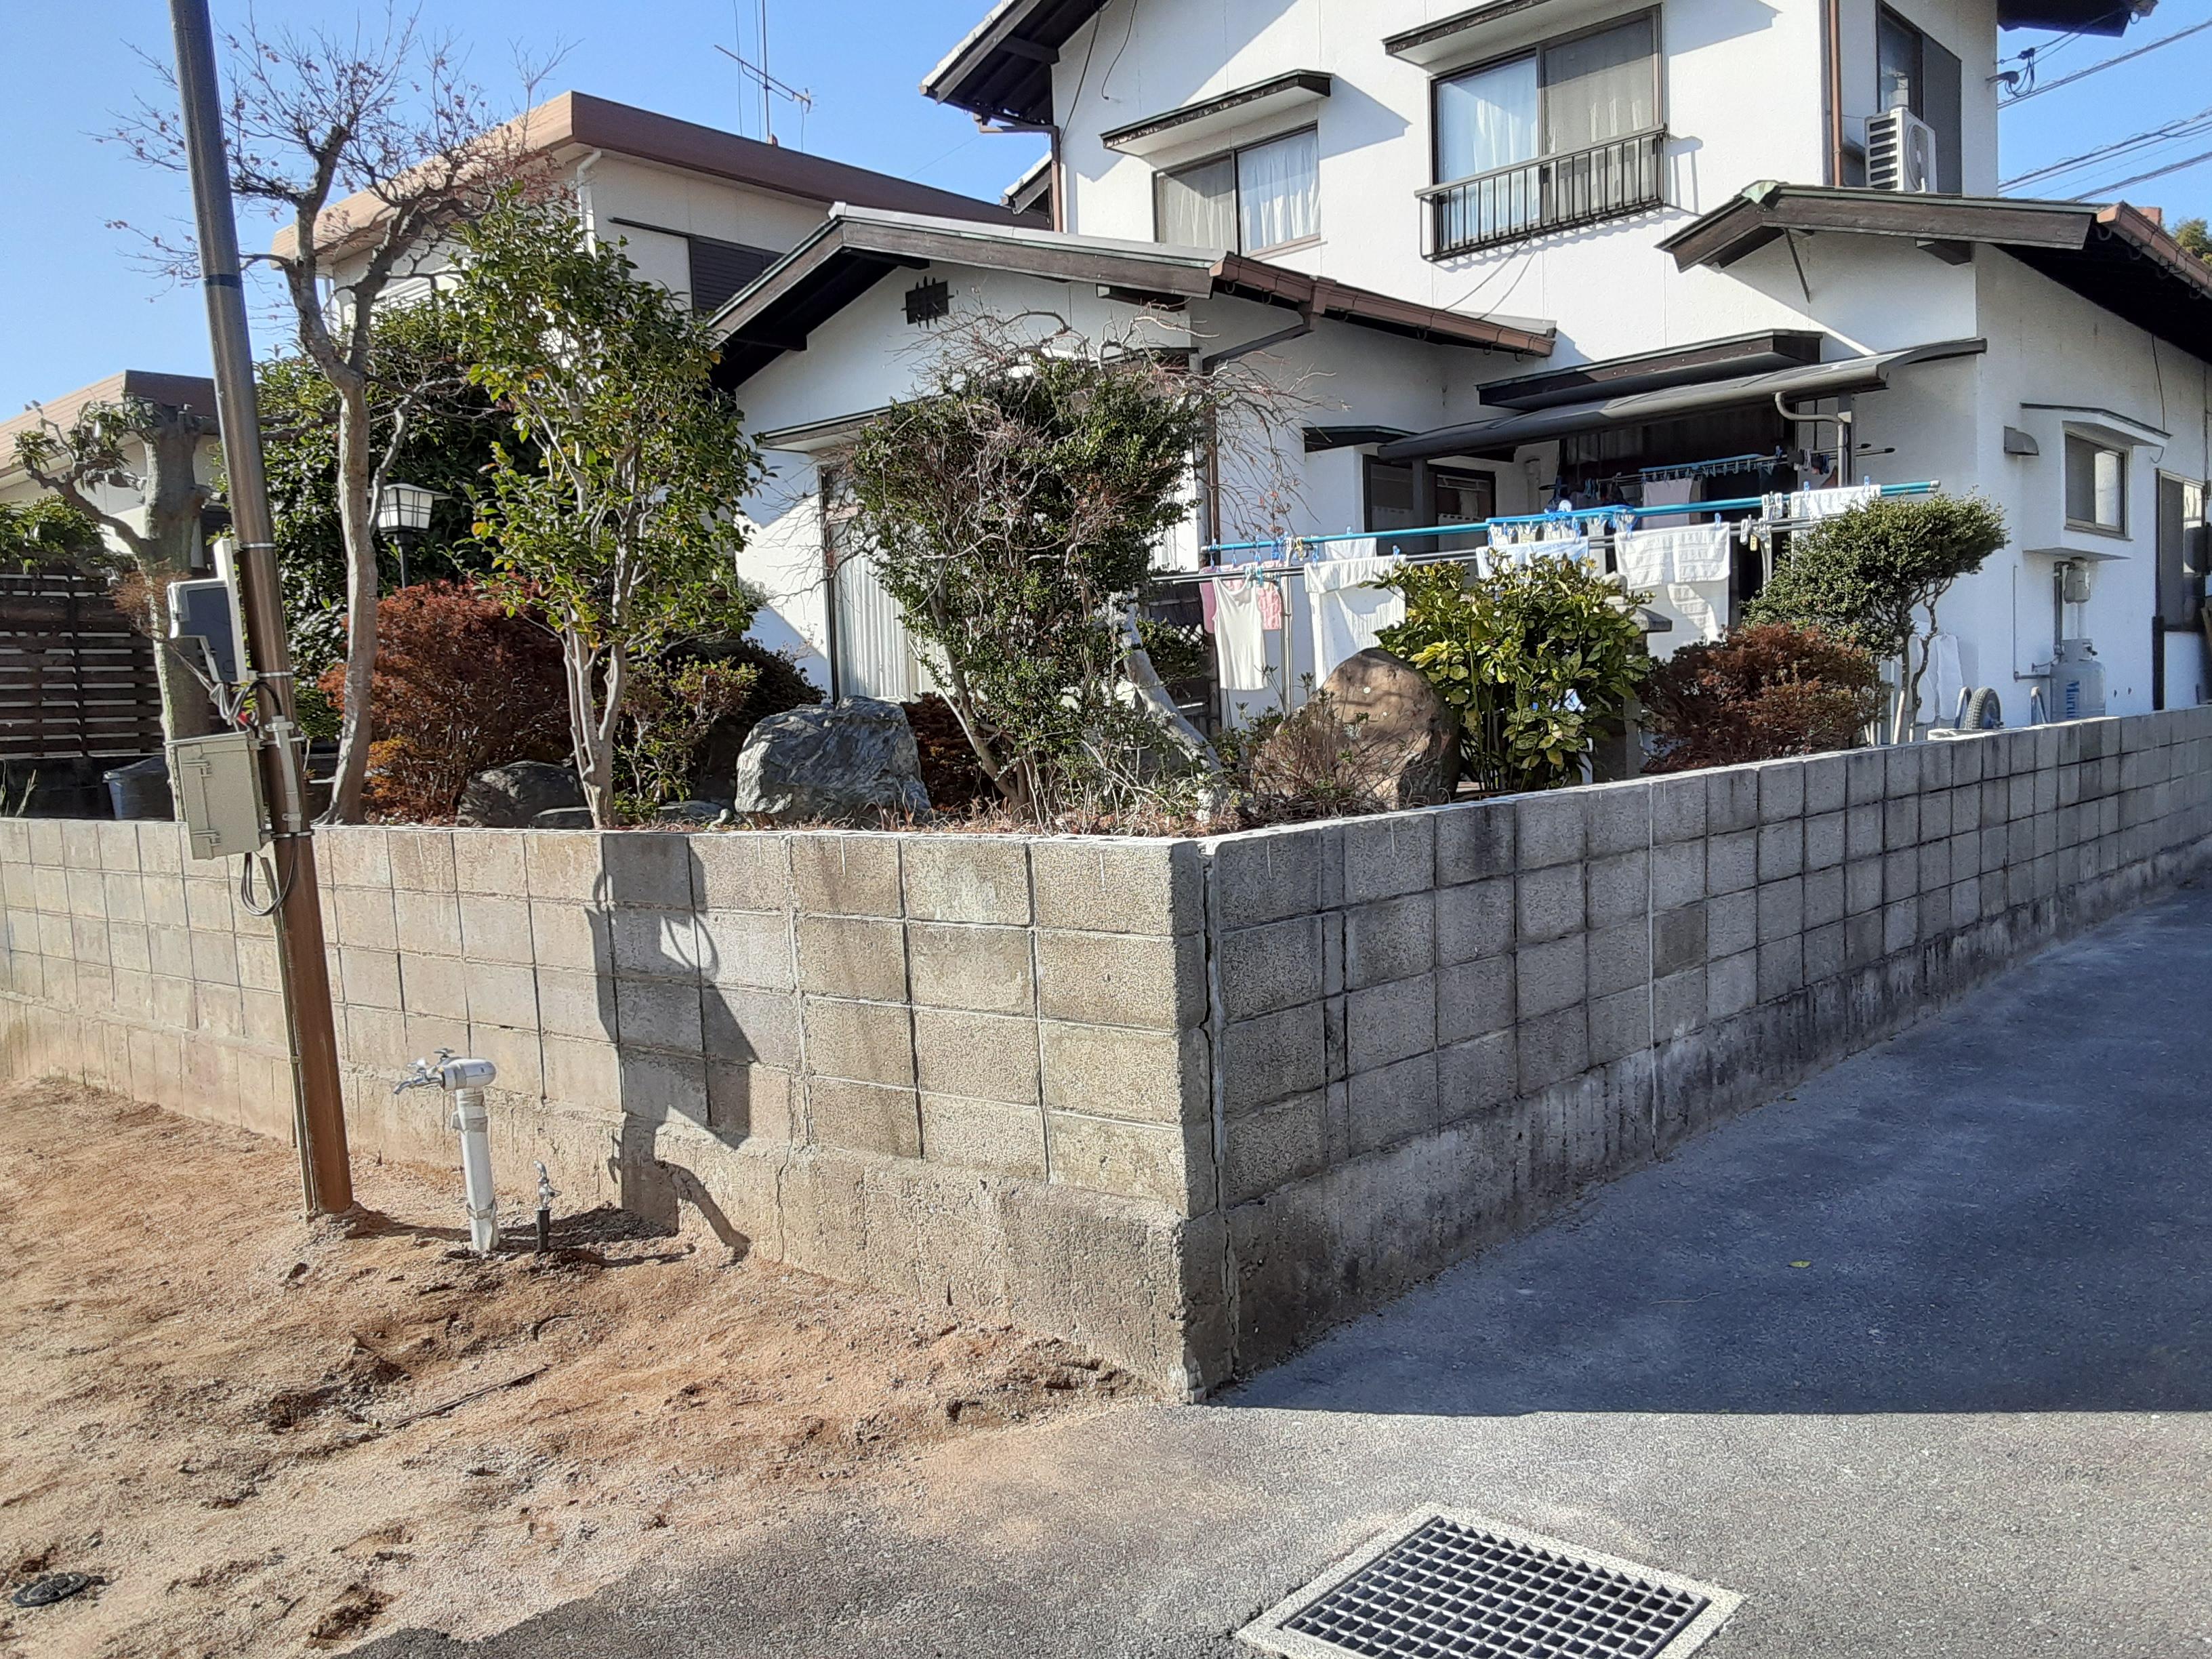 ギャラリーパティオのフェンス工事 及び ブロック塀補修工事の施工前の写真2